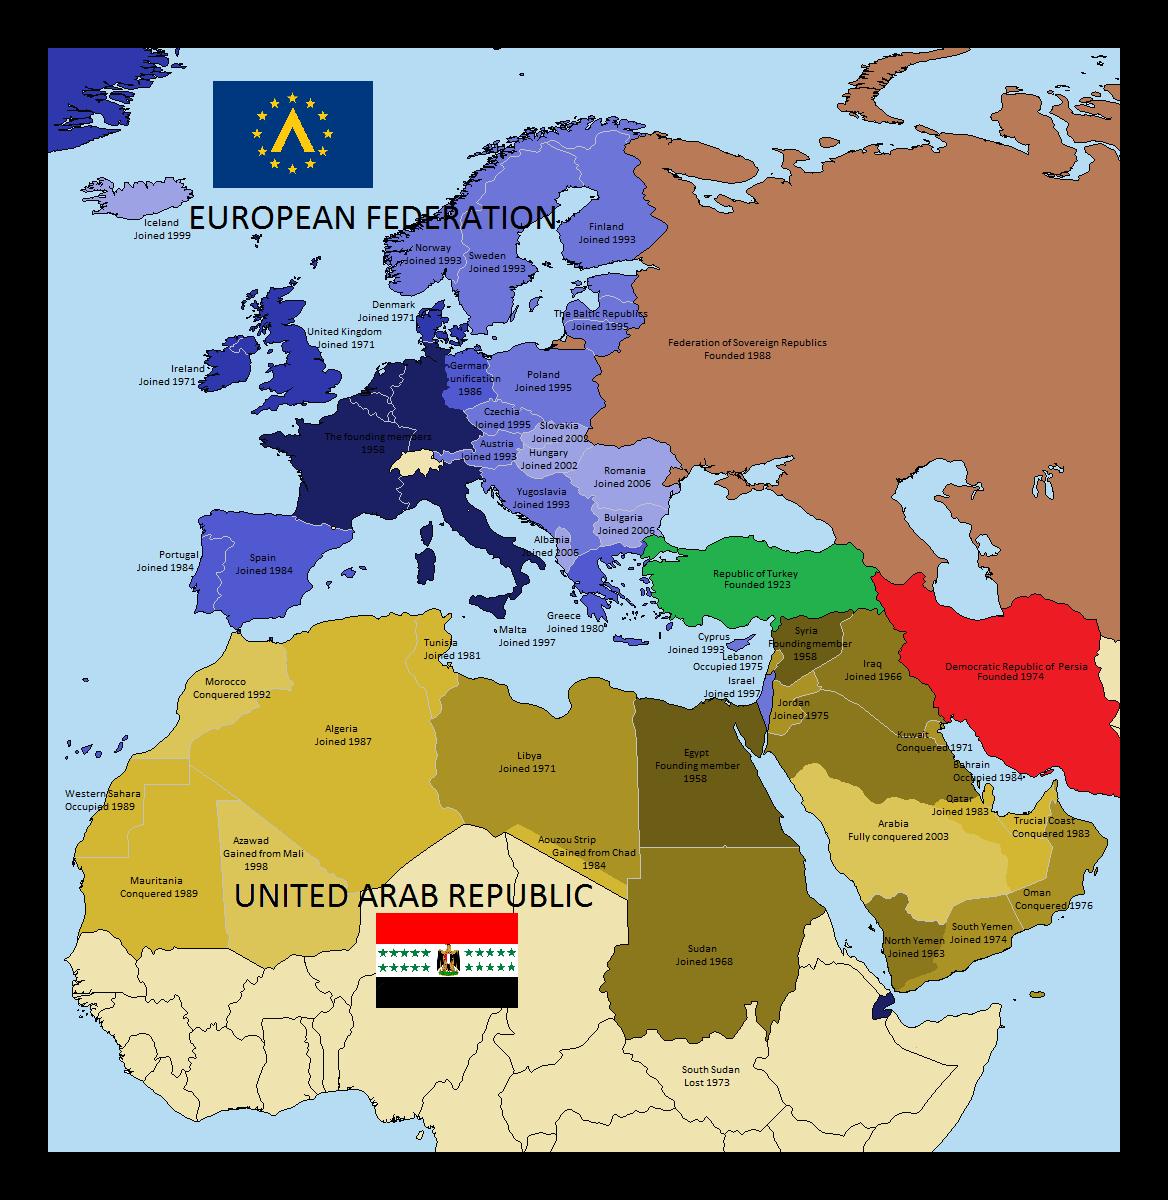 The Mediterranean Cold War By Silas-Coldwine.deviantart